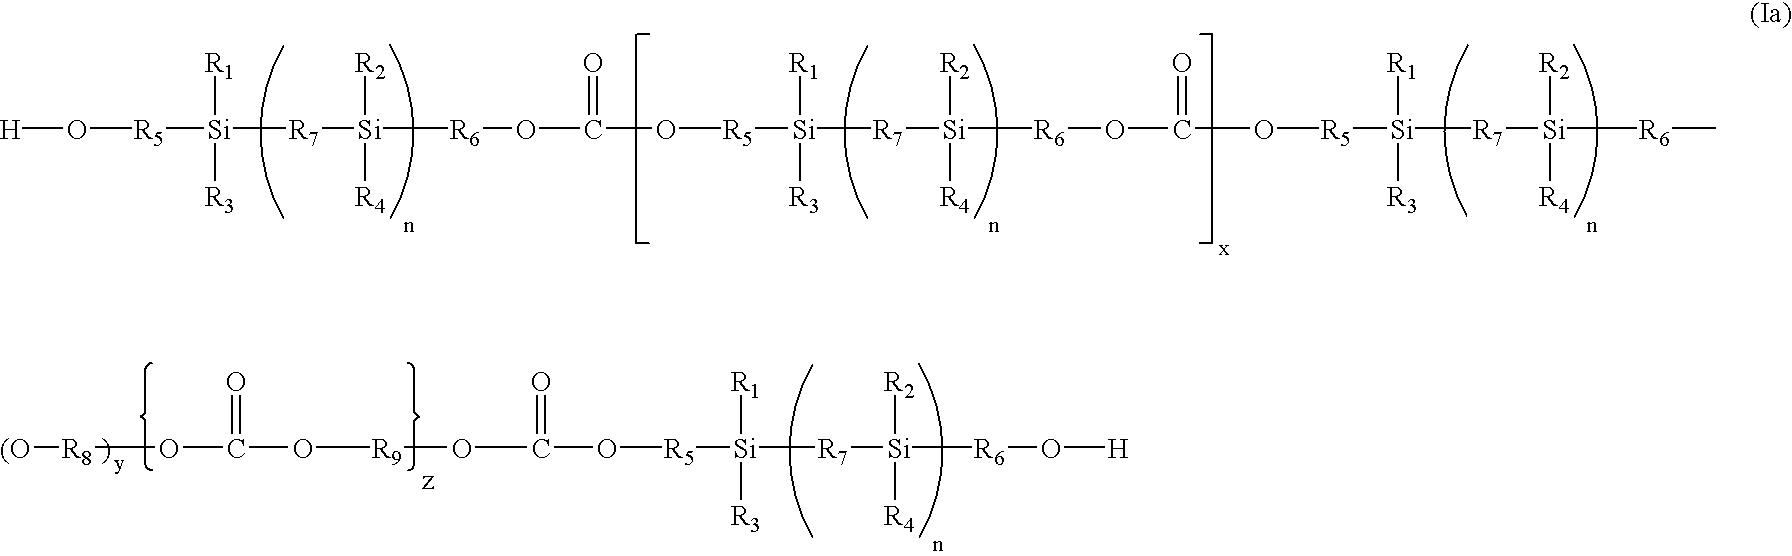 Figure US20030092864A1-20030515-C00003